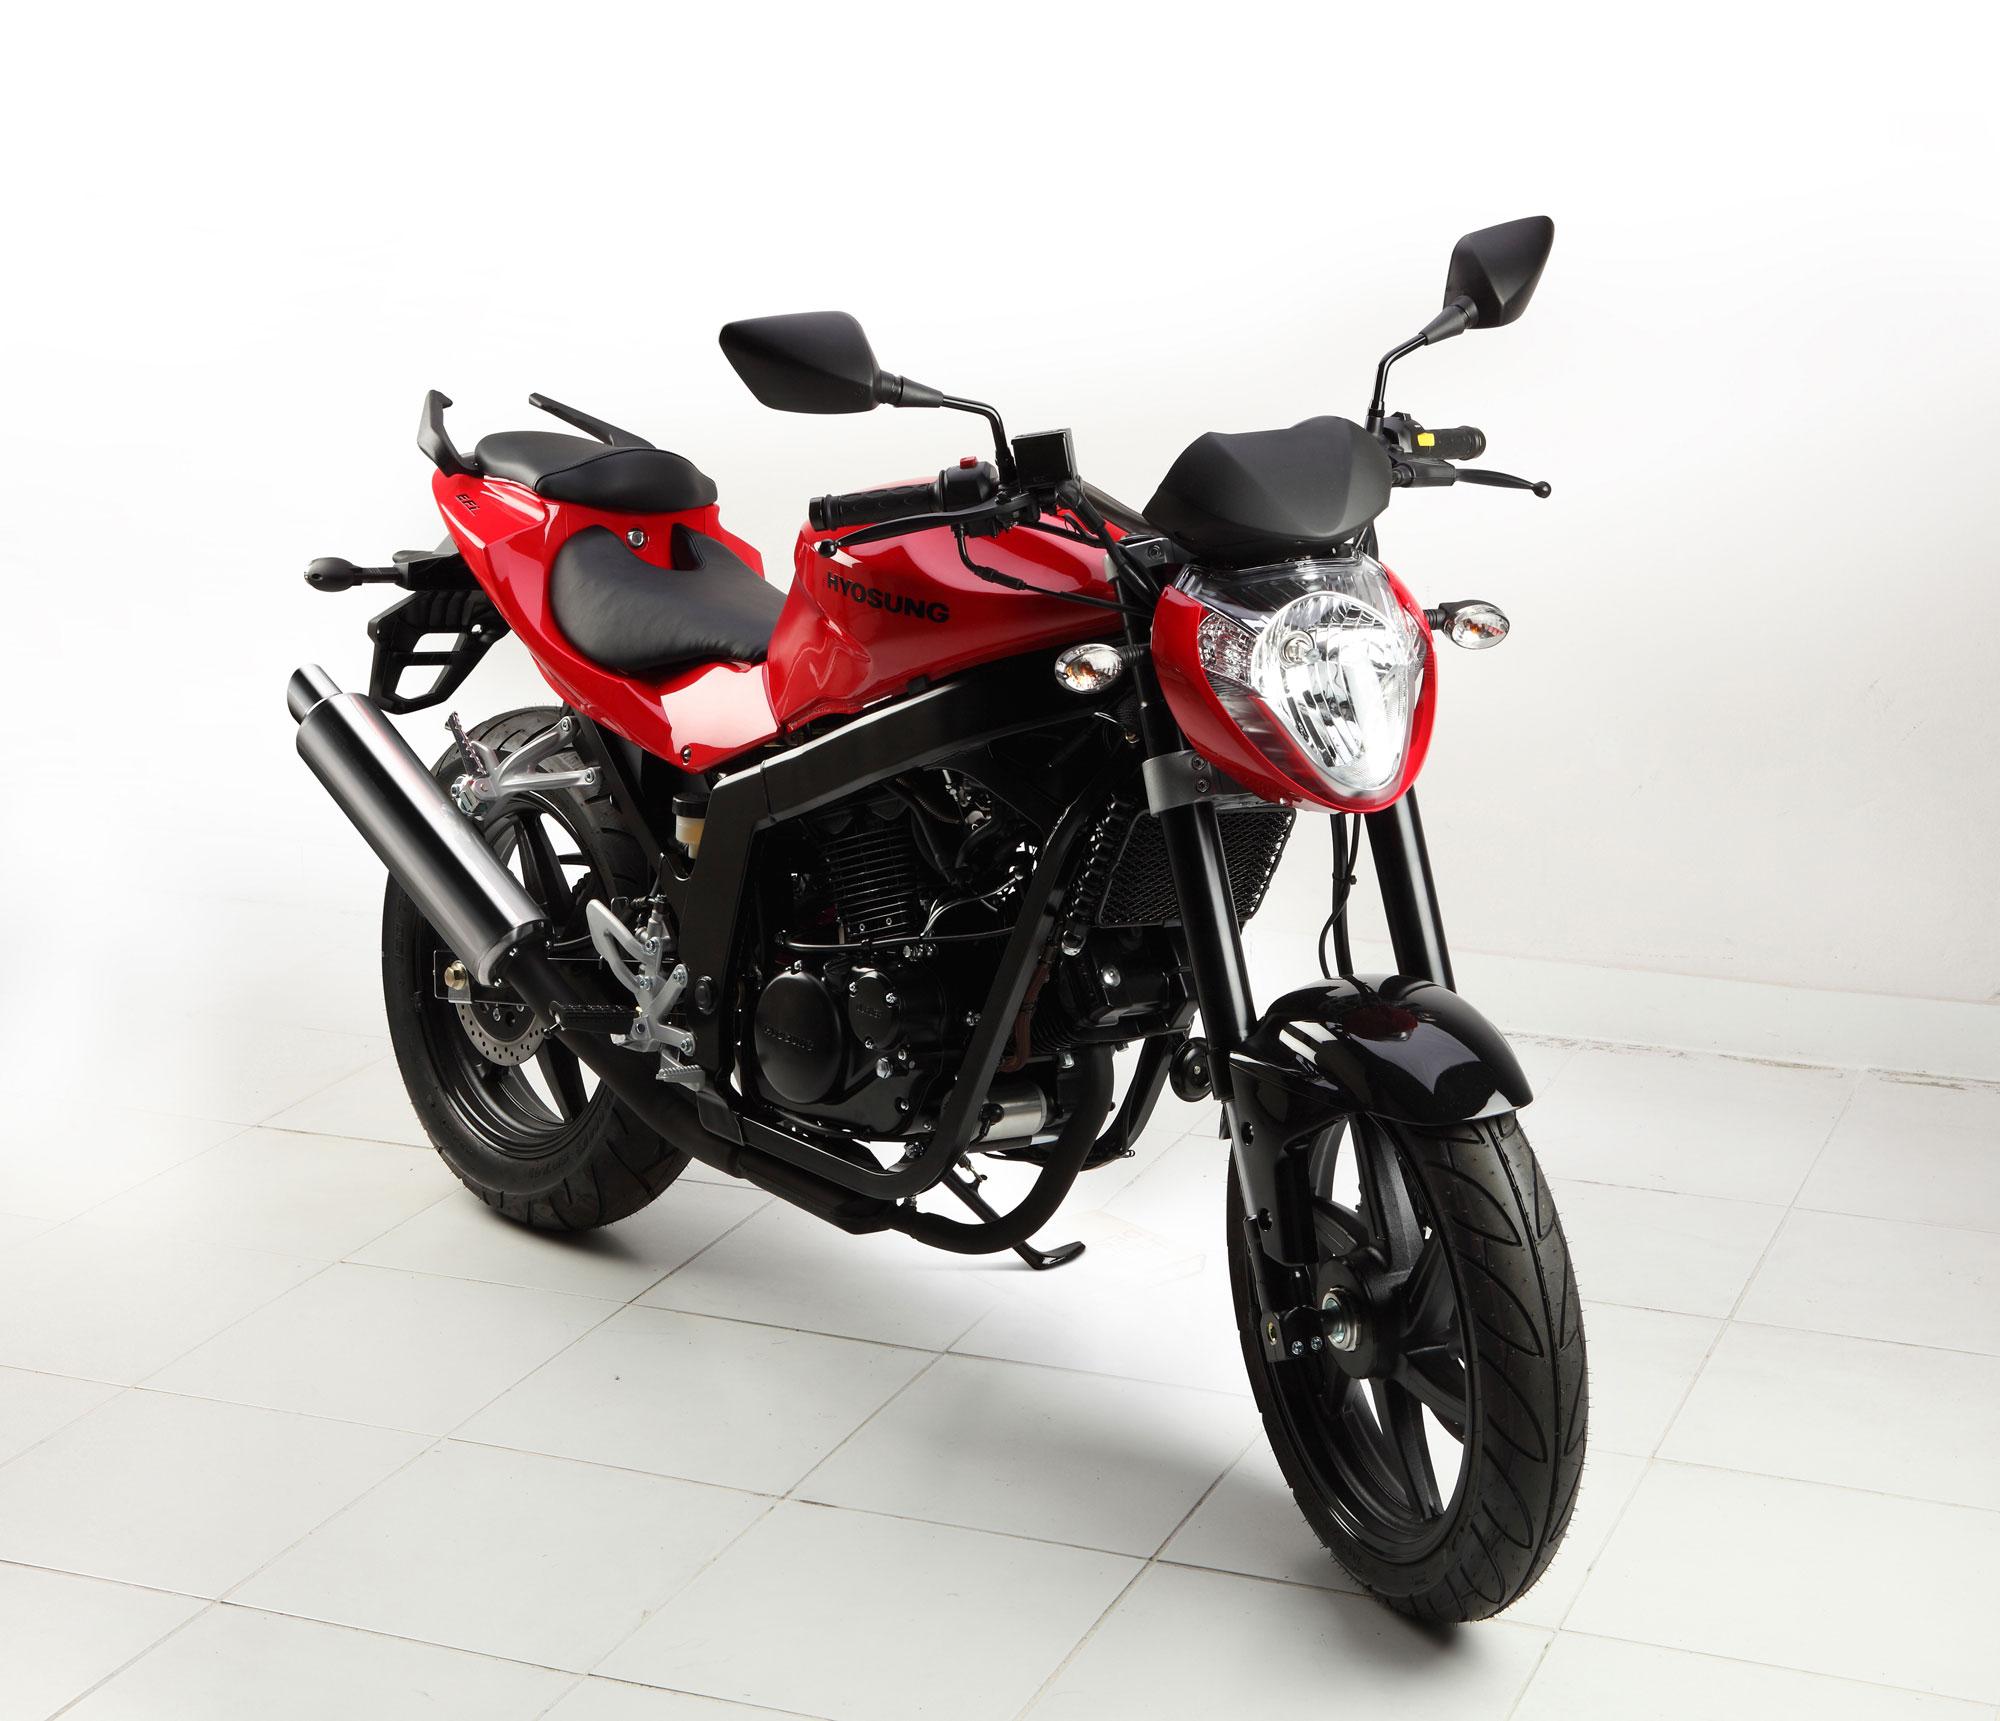 Gebrauchte und neue Hyosung GV 125 Motorräder kaufen